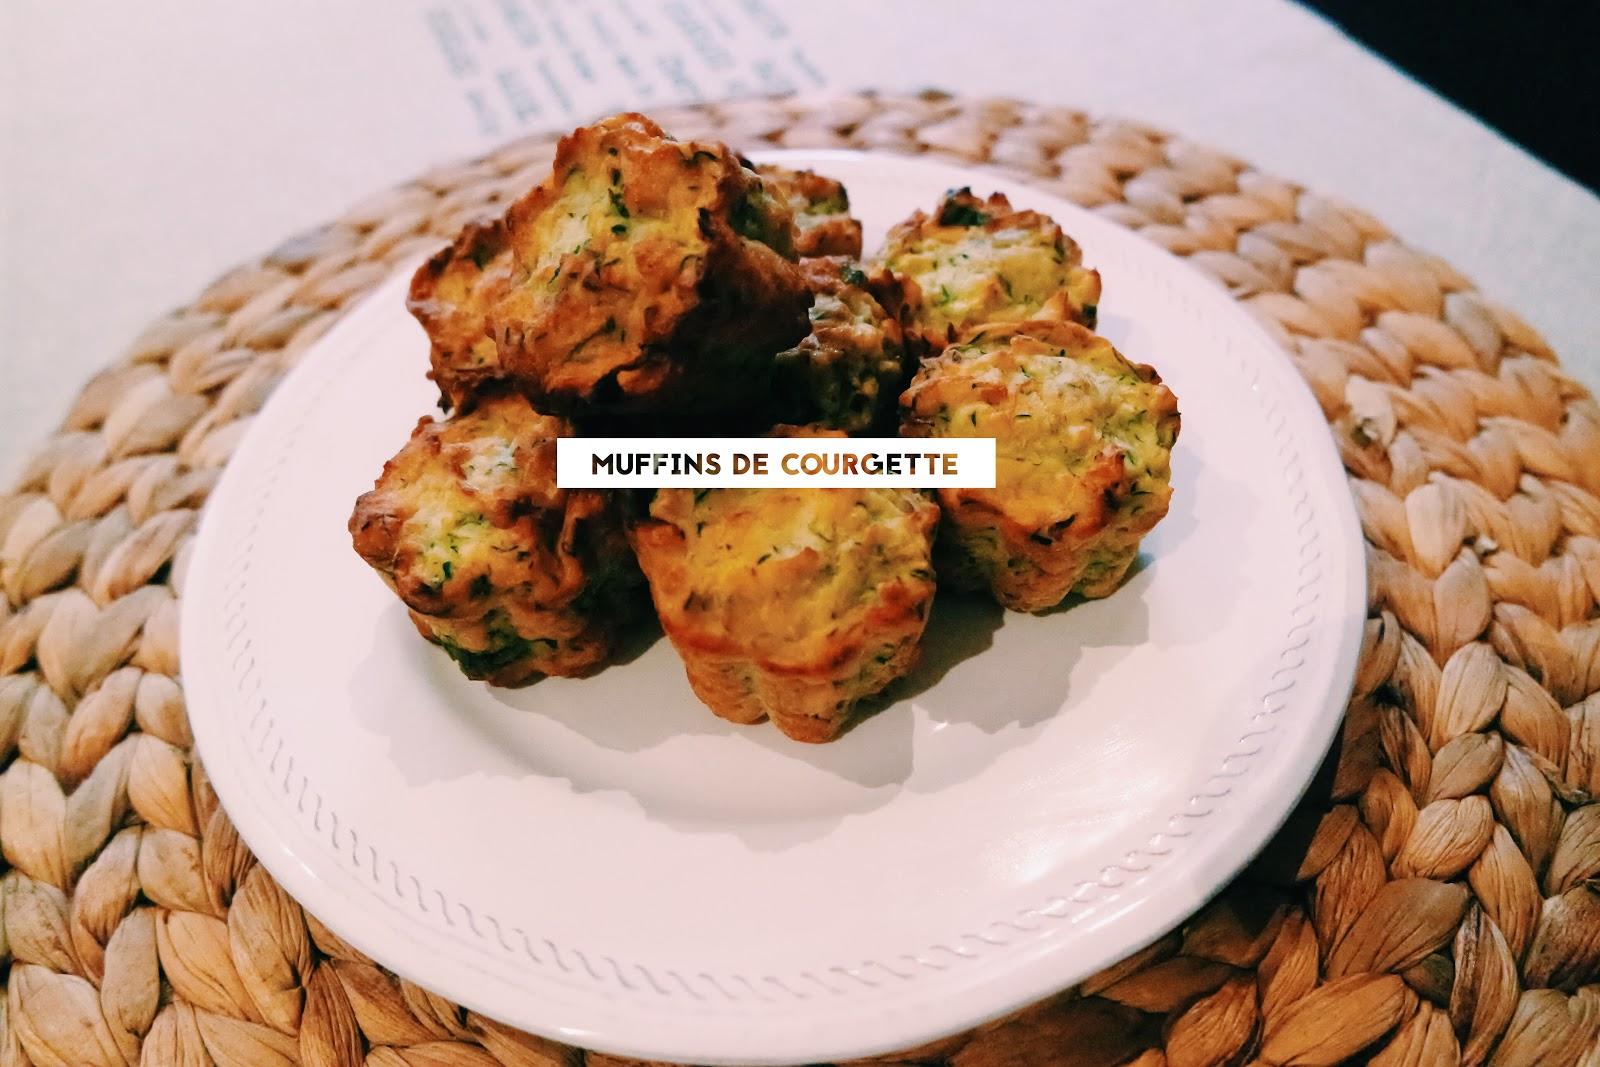 muffins de courgette fit